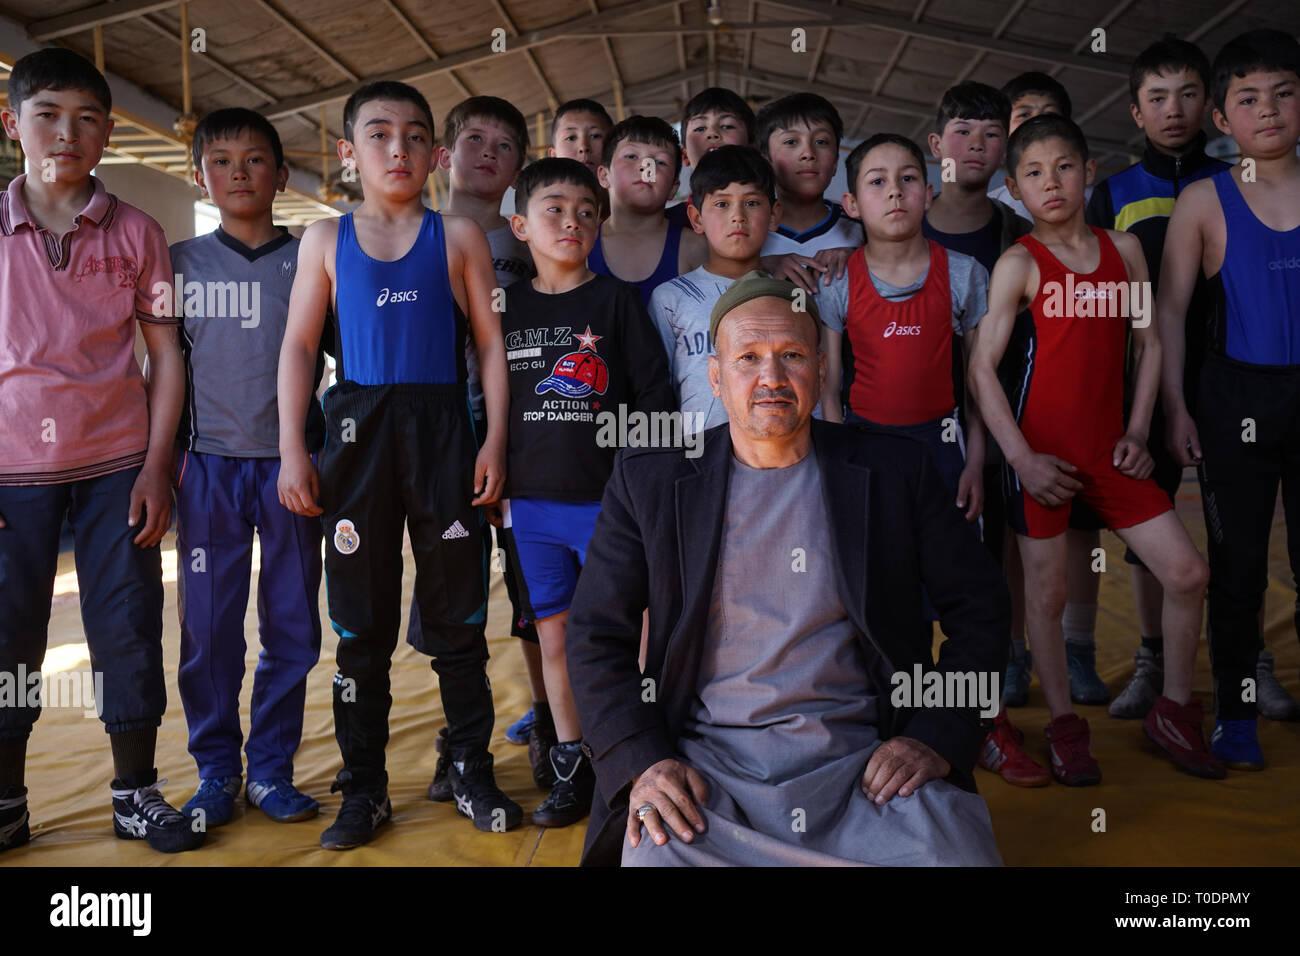 La Maiwand Wrestling club fue atacada por terroristas suicidas en el Estado islámico de Irak y el Levante (ISIL o ISIS) grupo el pasado mes de septiembre. Al menos 20 personas murieron y 70 resultaron heridos en el ataque al club de Dash-e-Barchi, un barrio de Kabul del oeste, hogar de una importante comunidad Hazara. Entrenador Ghulam Abbas perdió su brazo izquierdo en lo que él dijo era un ataque a la minoría étnica hazara. En un acto de resistencia, Abbas ha regresado al club de lucha libre, donde enseñó durante 30 años. Imagen De Stock